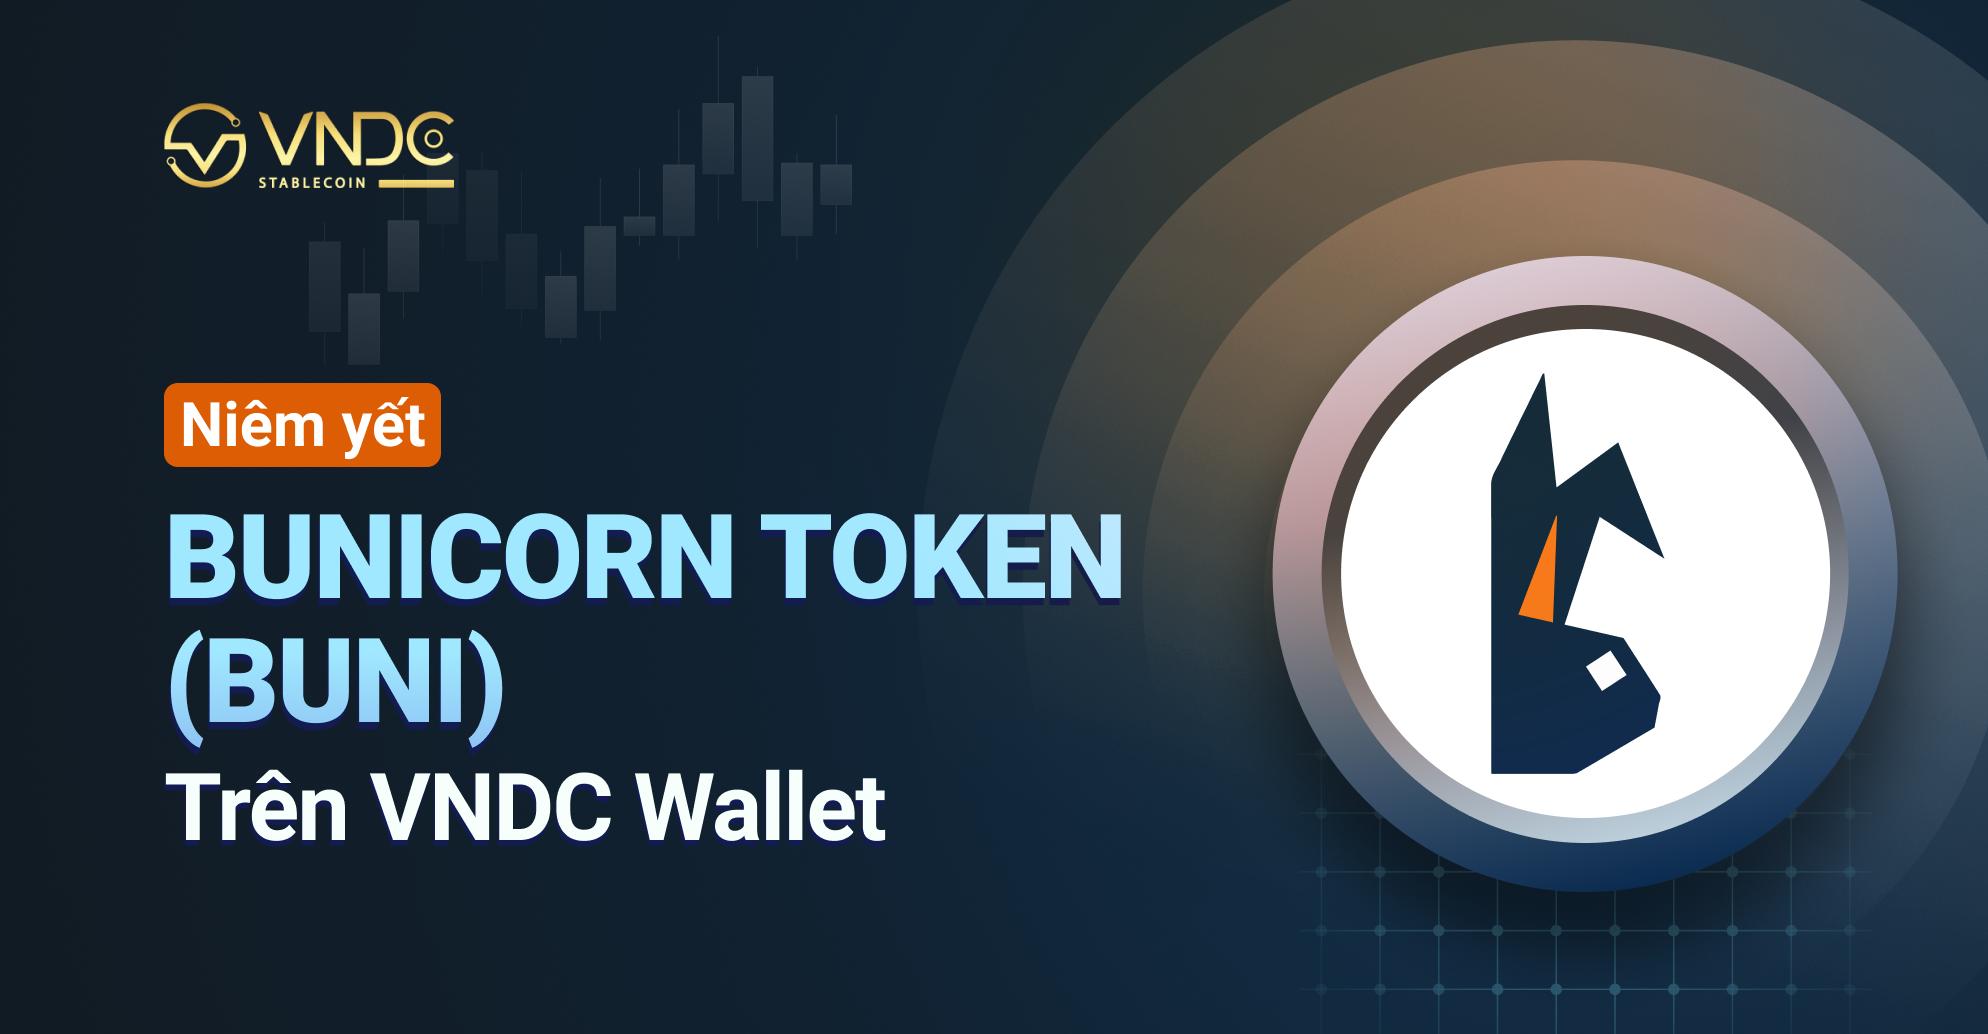 Niêm yết Bunicorn Token (BUNI) trên VNDC Wallet